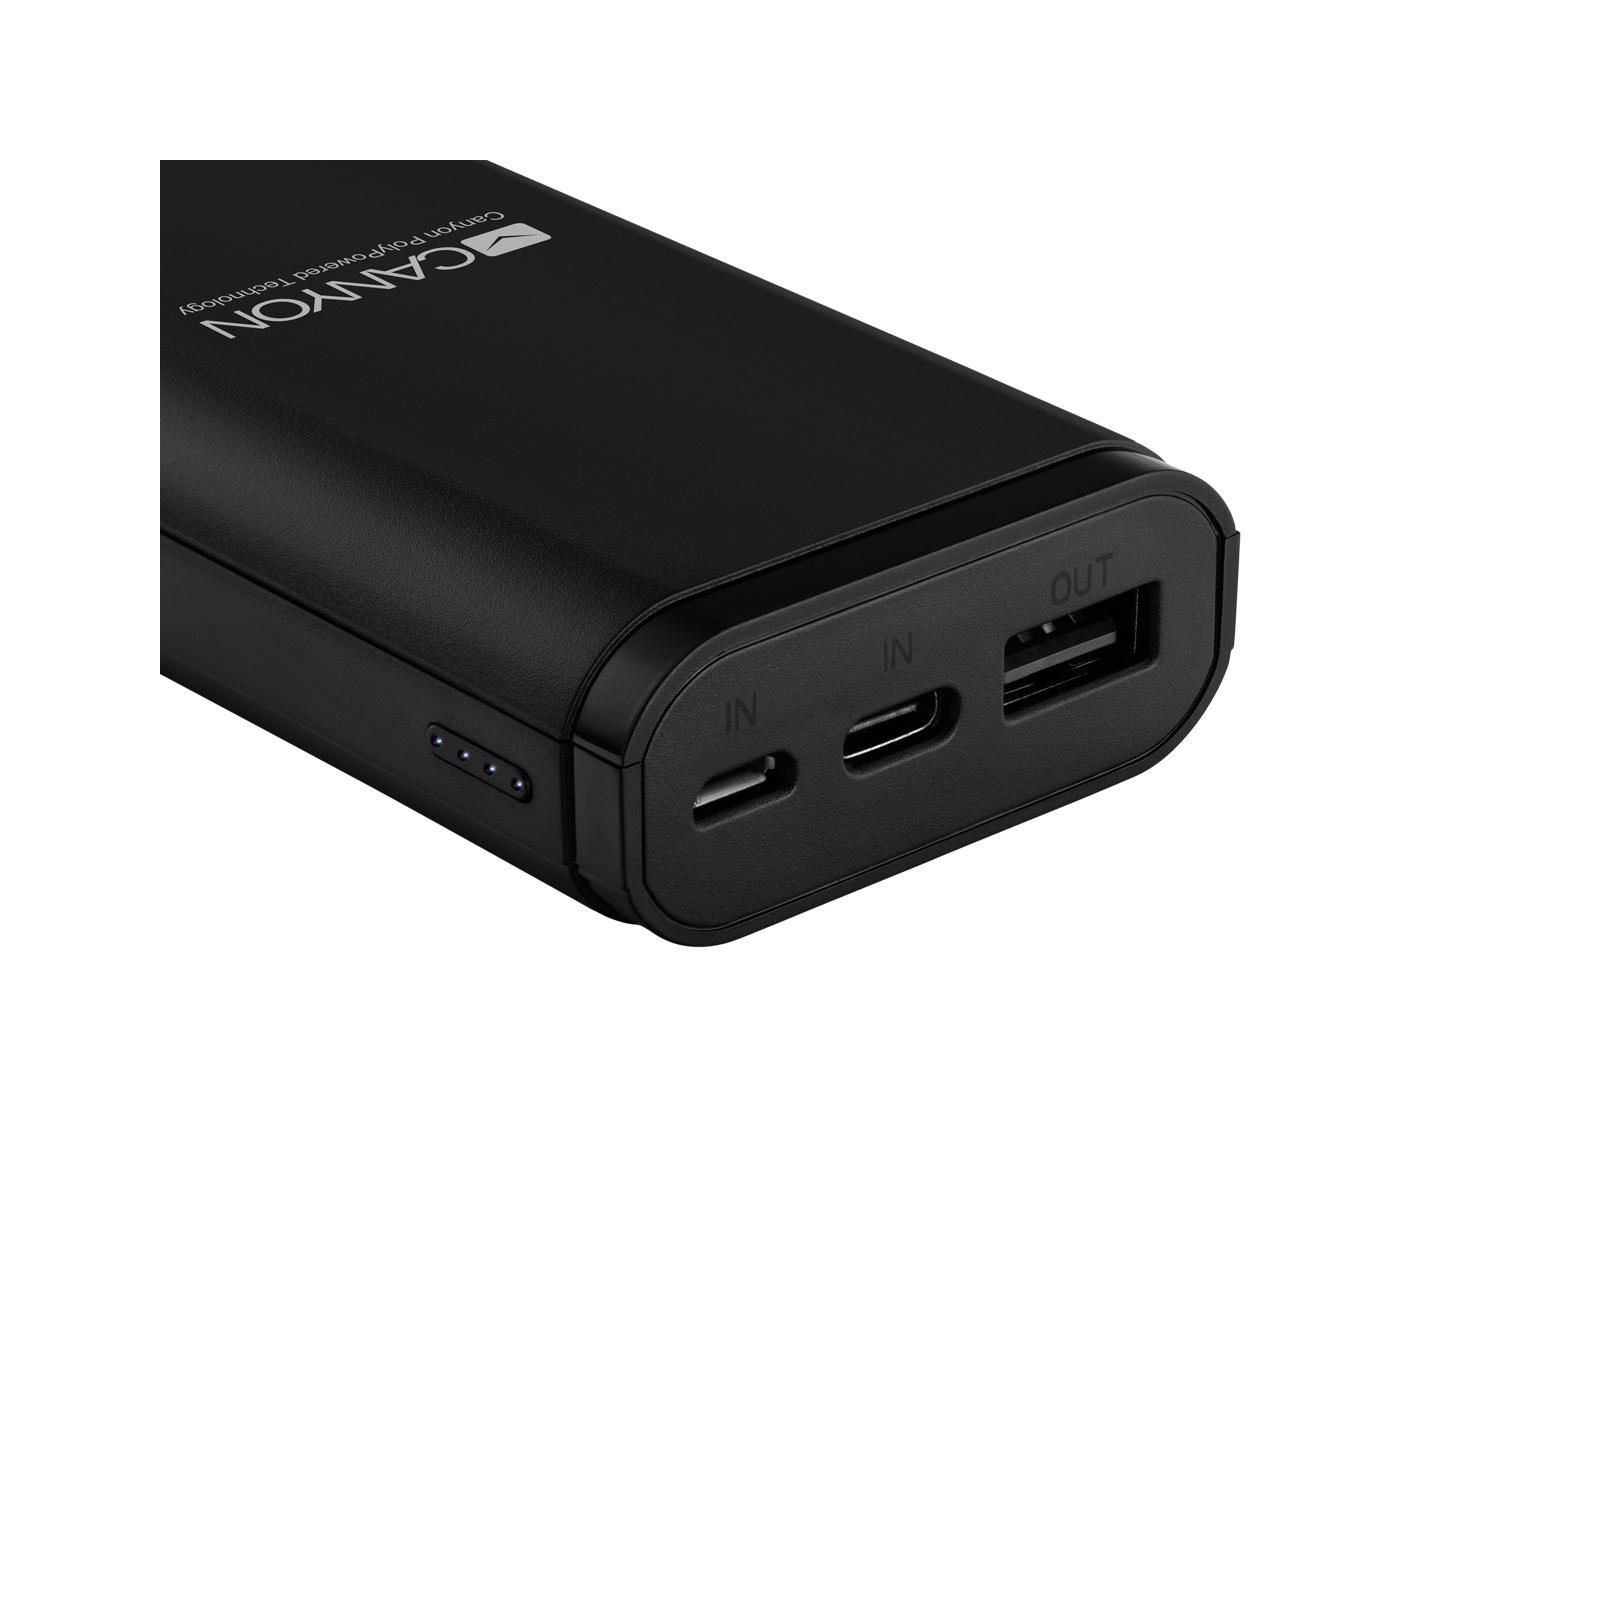 Батарея универсальная Canyon PB-103 10000mAh, Input 5V/2A, Output 5V/2.1A, Black (CNE-CPB010B) изображение 3